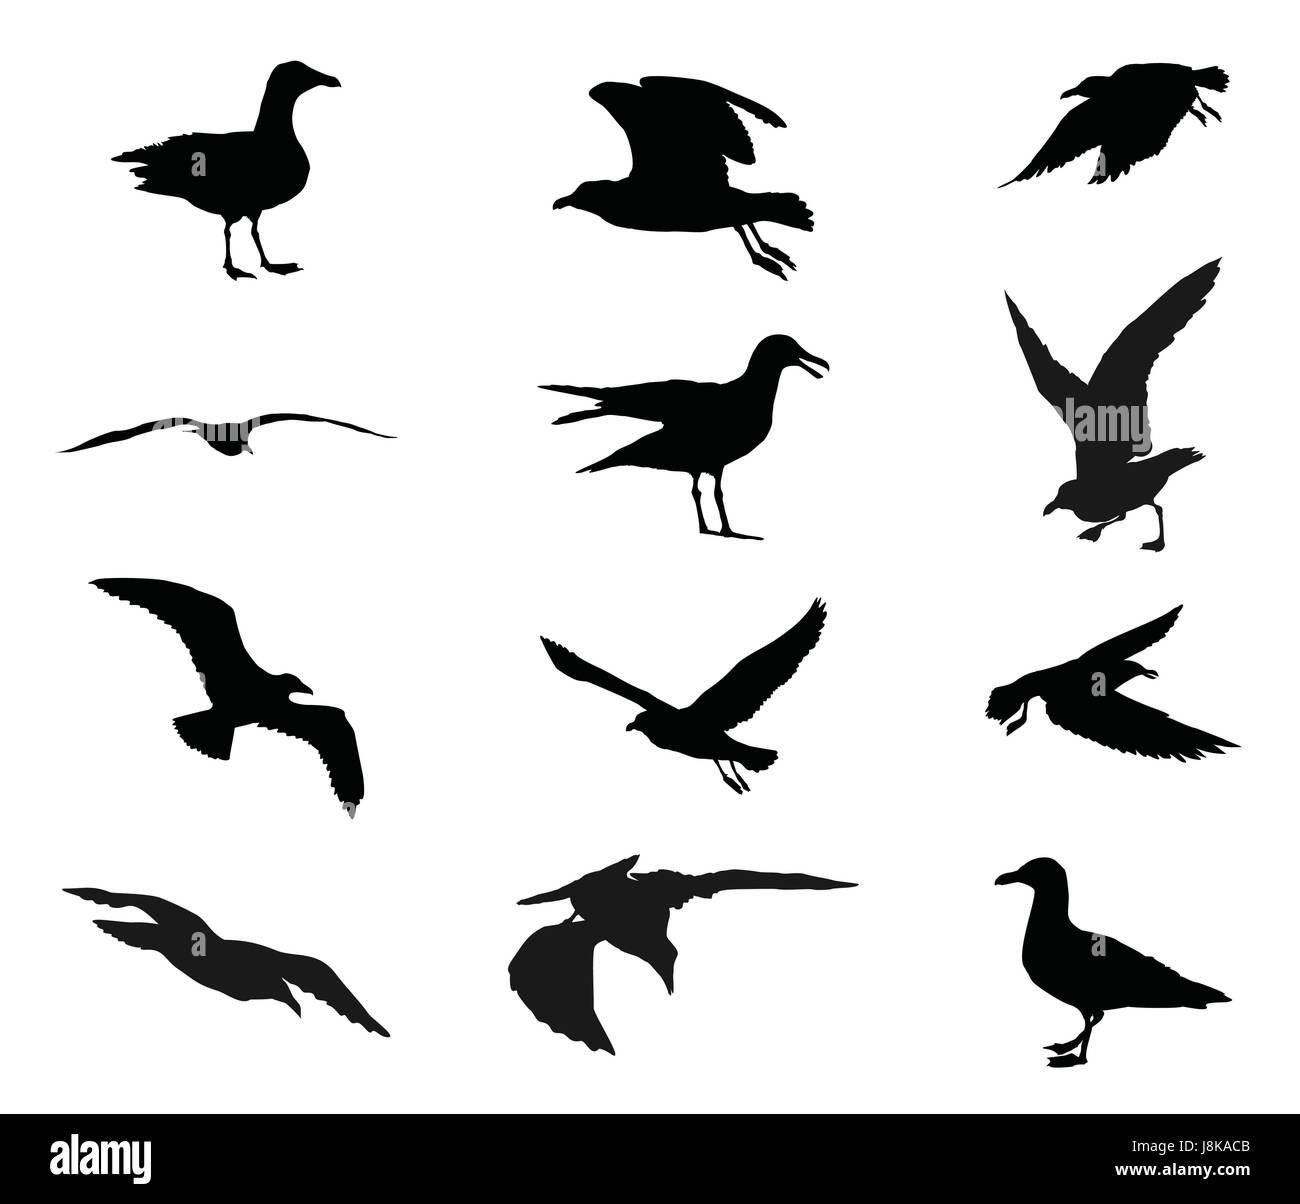 fliegende möwe malvorlage  best ausmabilder 2020